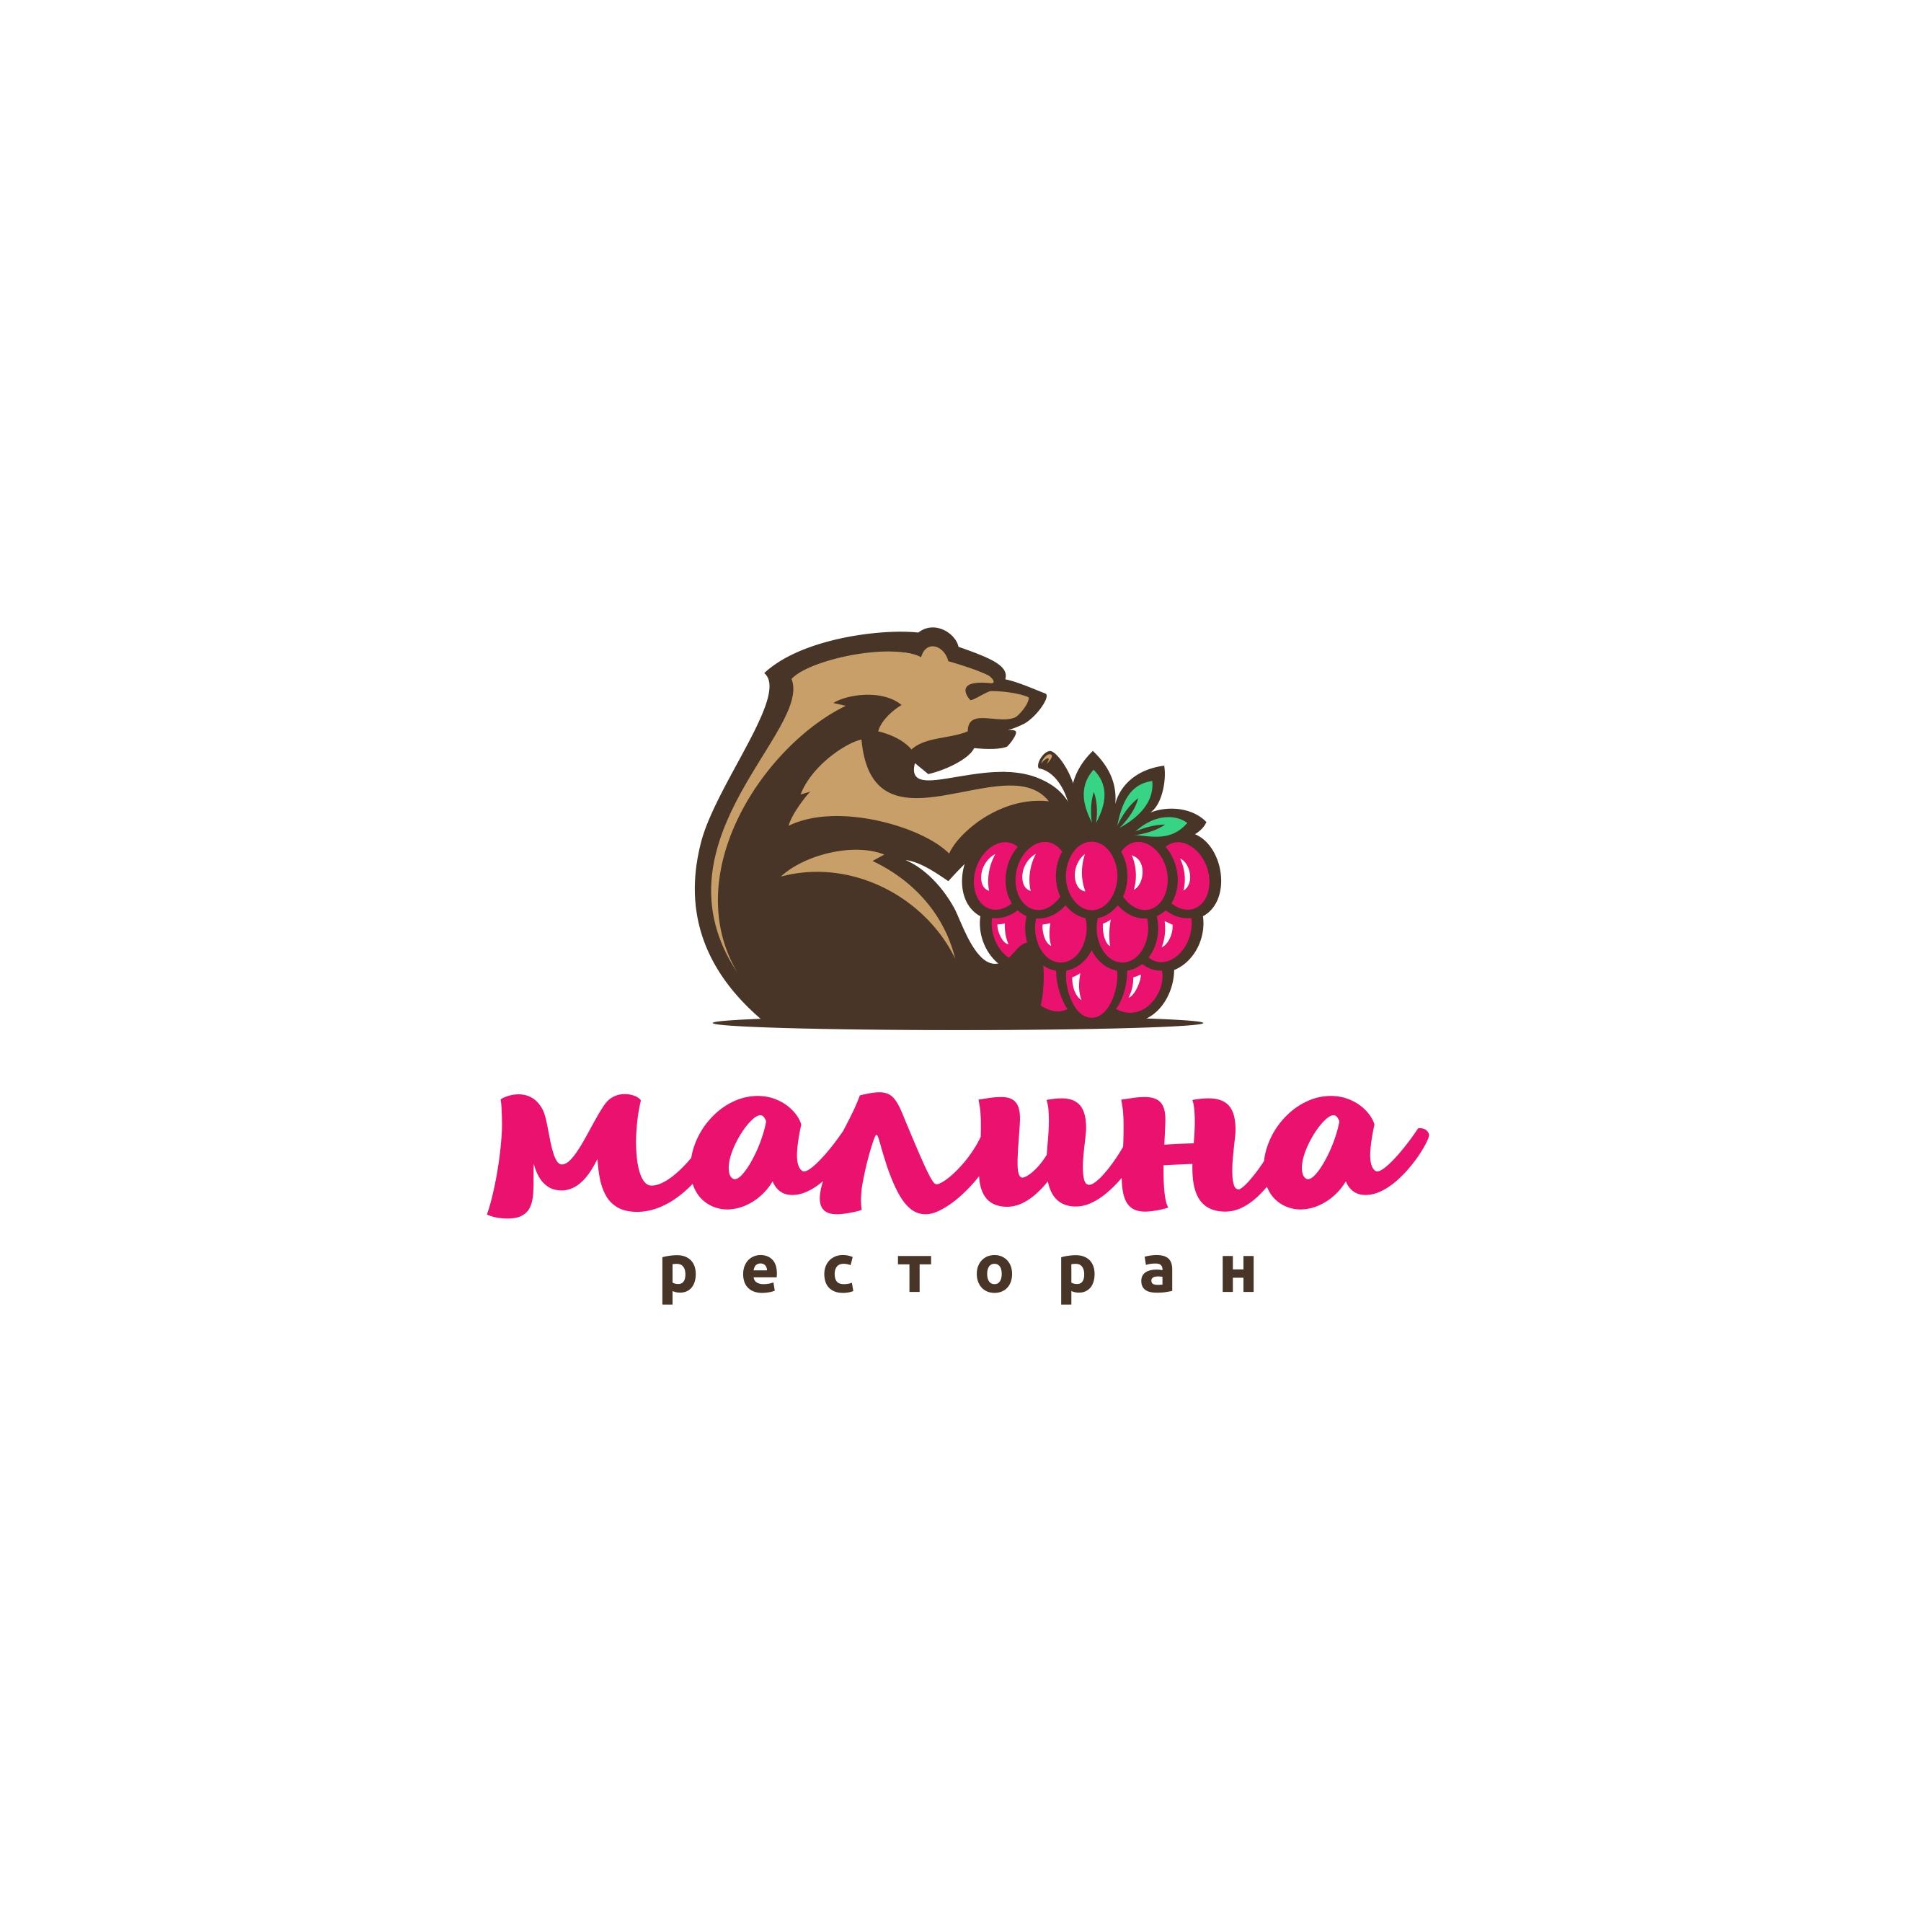 """Логотип для ресторана """"Малина"""" фото f_4435a8633ba6cba5.jpg"""